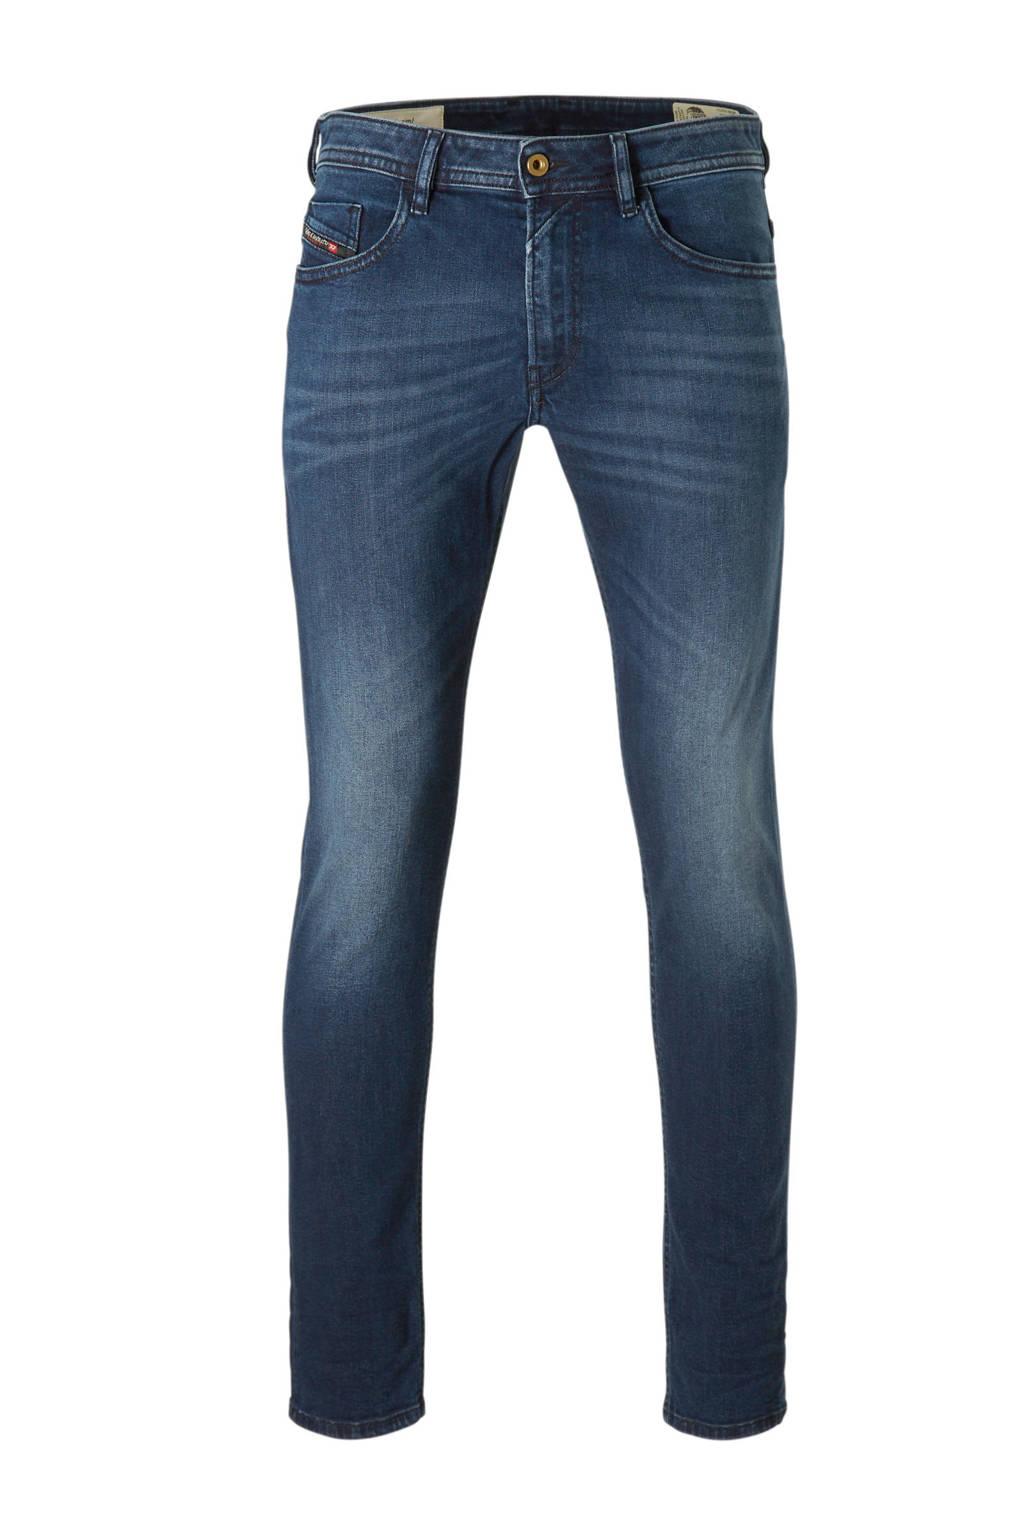 Diesel slim fit jeans Thommer, Dark denim